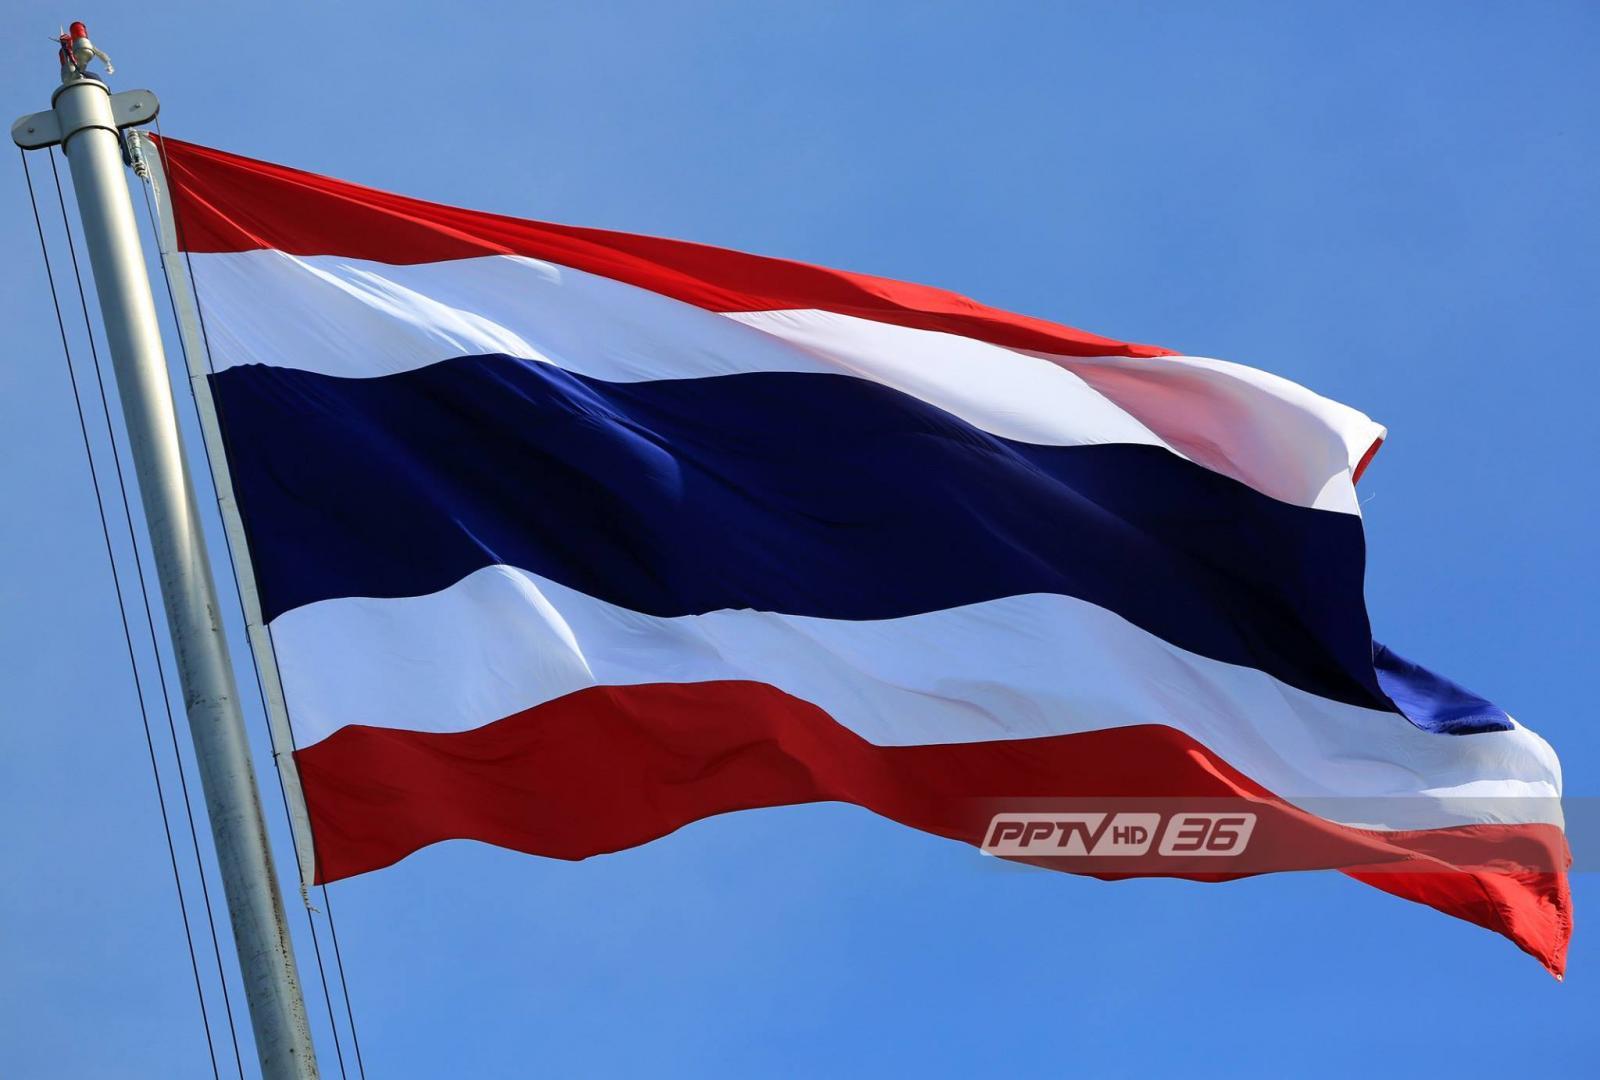 """ราชกิจจานุเบกษา เผยแพร่หลักเกณฑ์- ข้อห้าม ติด ประดับ เพนท์ """"ธงชาติ"""" ตามร่างกาย เสื้อผ้า รถ สิ่งของ"""